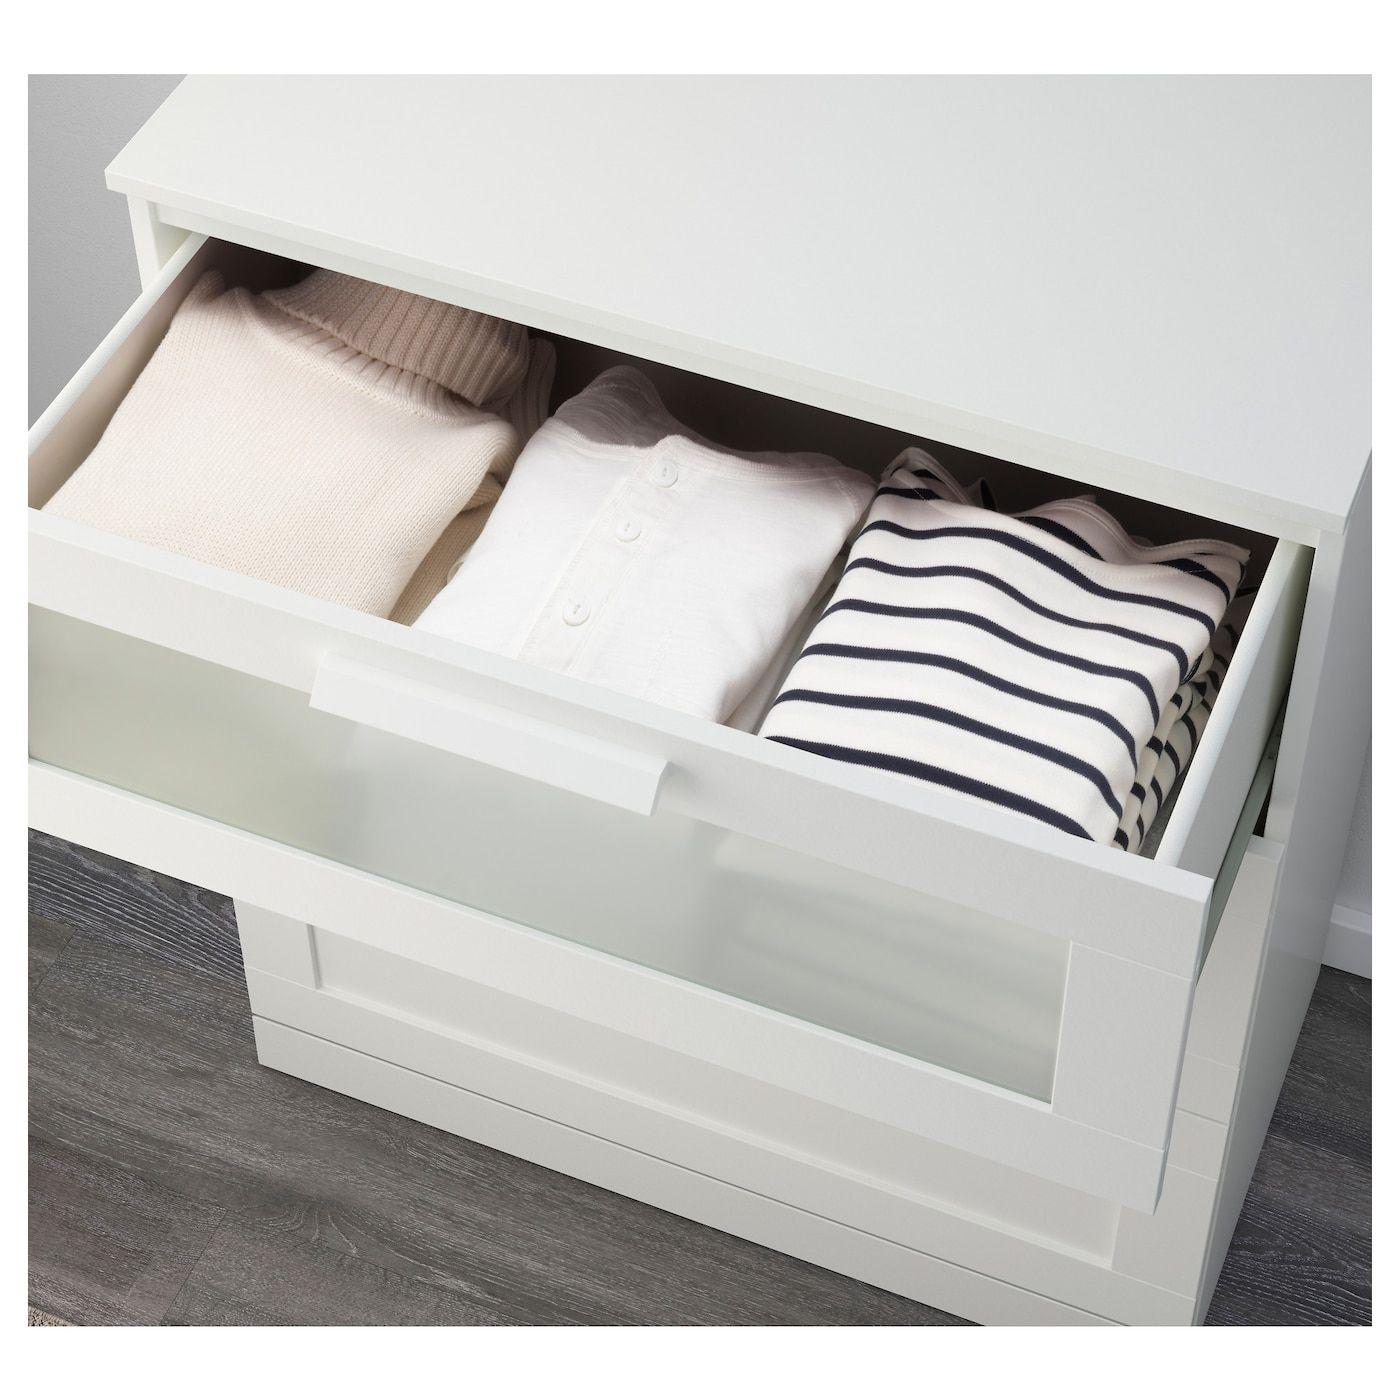 Park Art|My WordPress Blog_White 3 Drawer Dresser Plastic